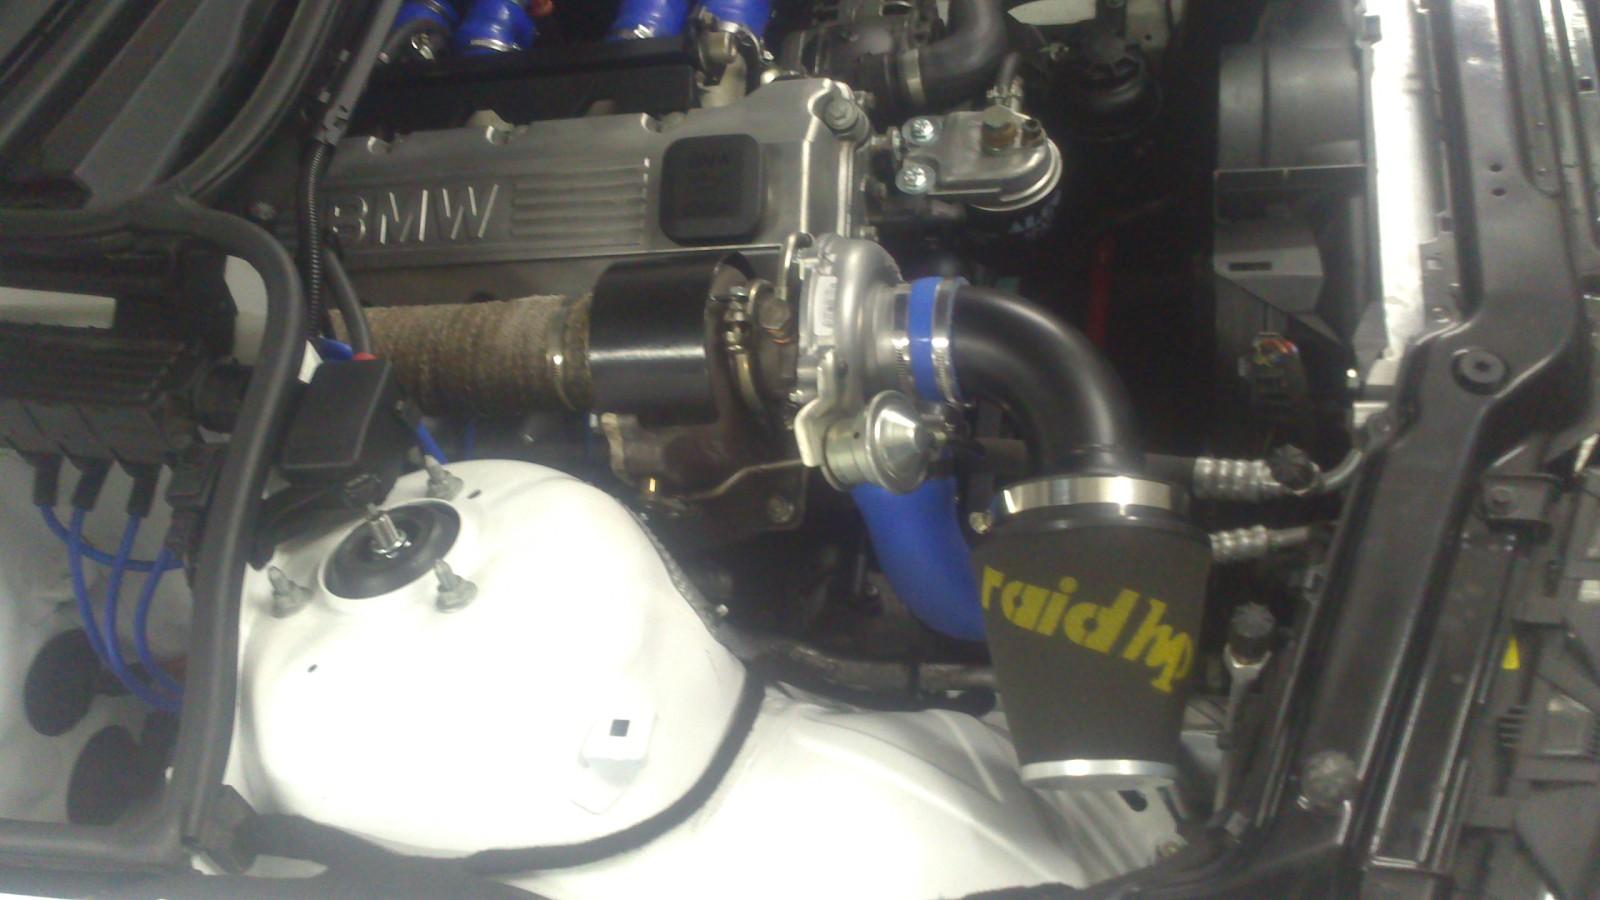 E46 M43 b19 turbo